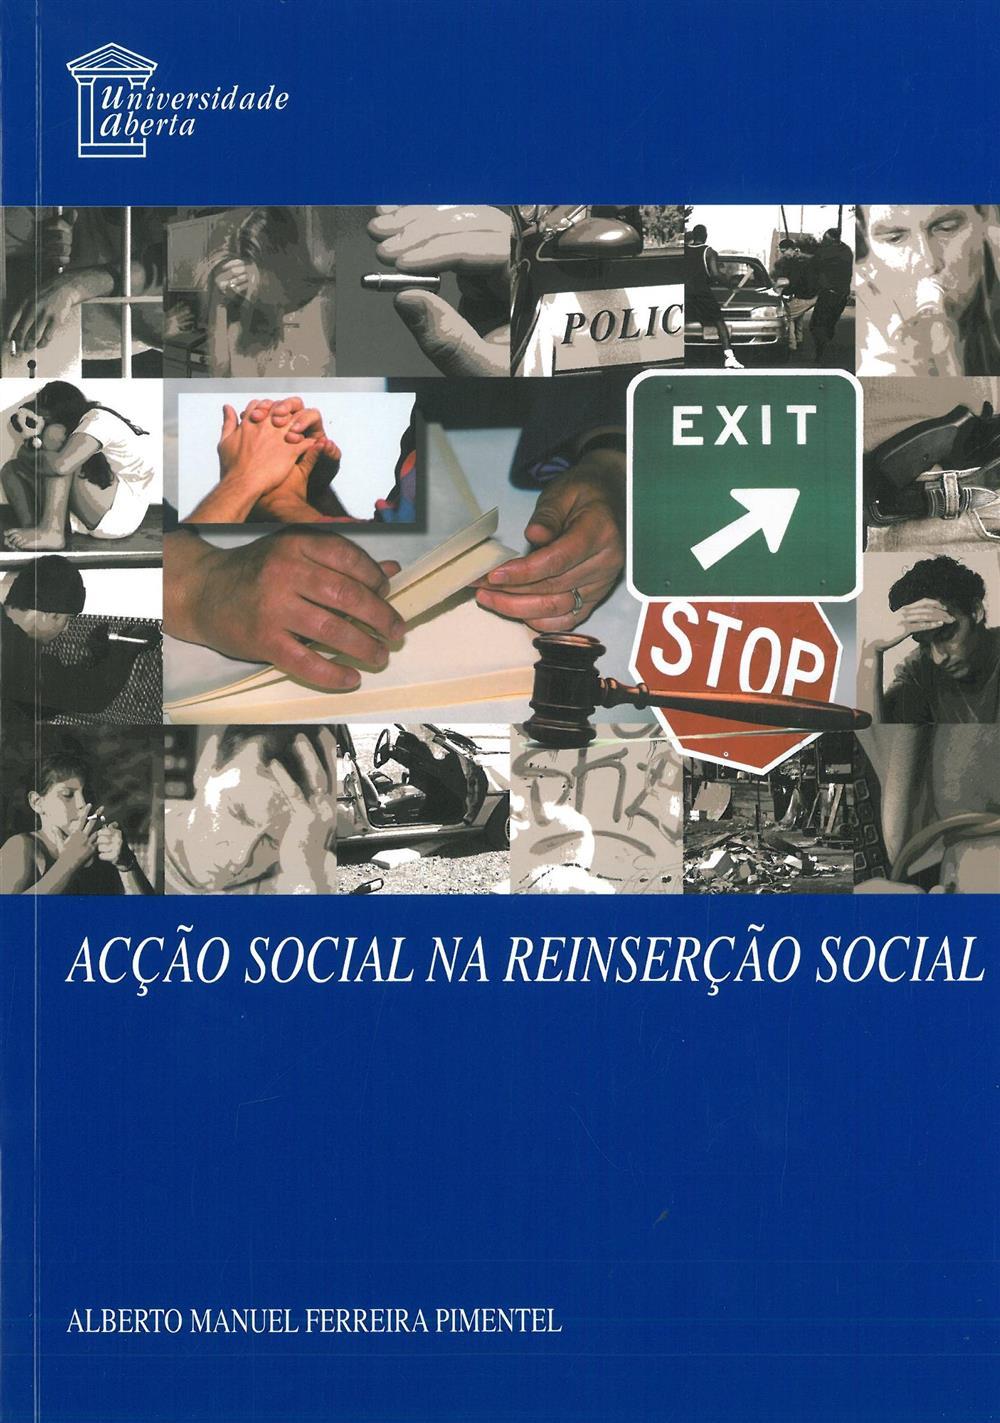 Acção social na reinserção social_.jpg